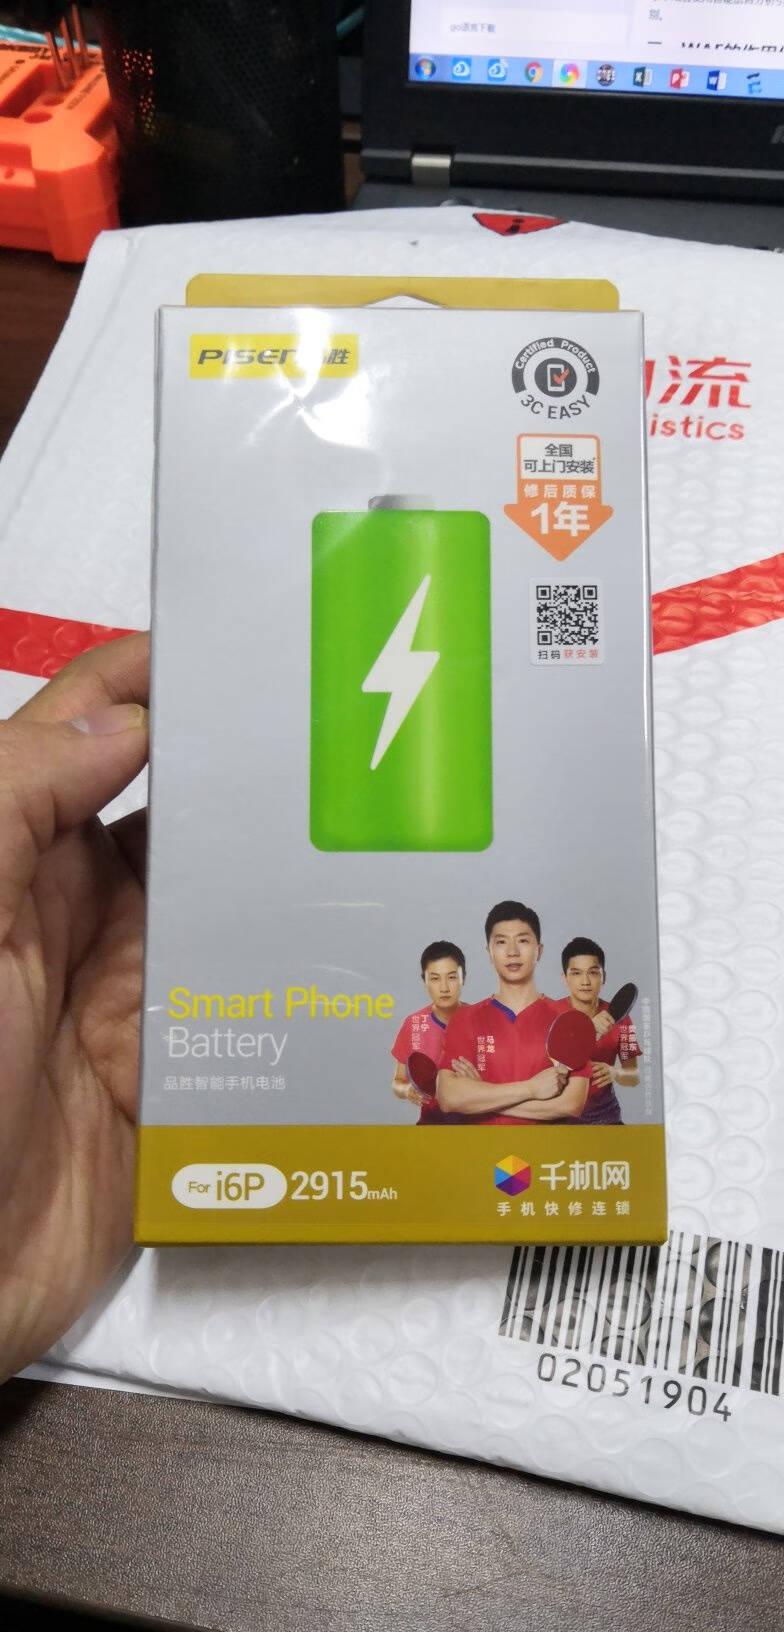 品胜苹果6P电池iphone6Plus电池苹果电池/iphone6P手机内置电池更换吃鸡王者游戏电池送安装工具包